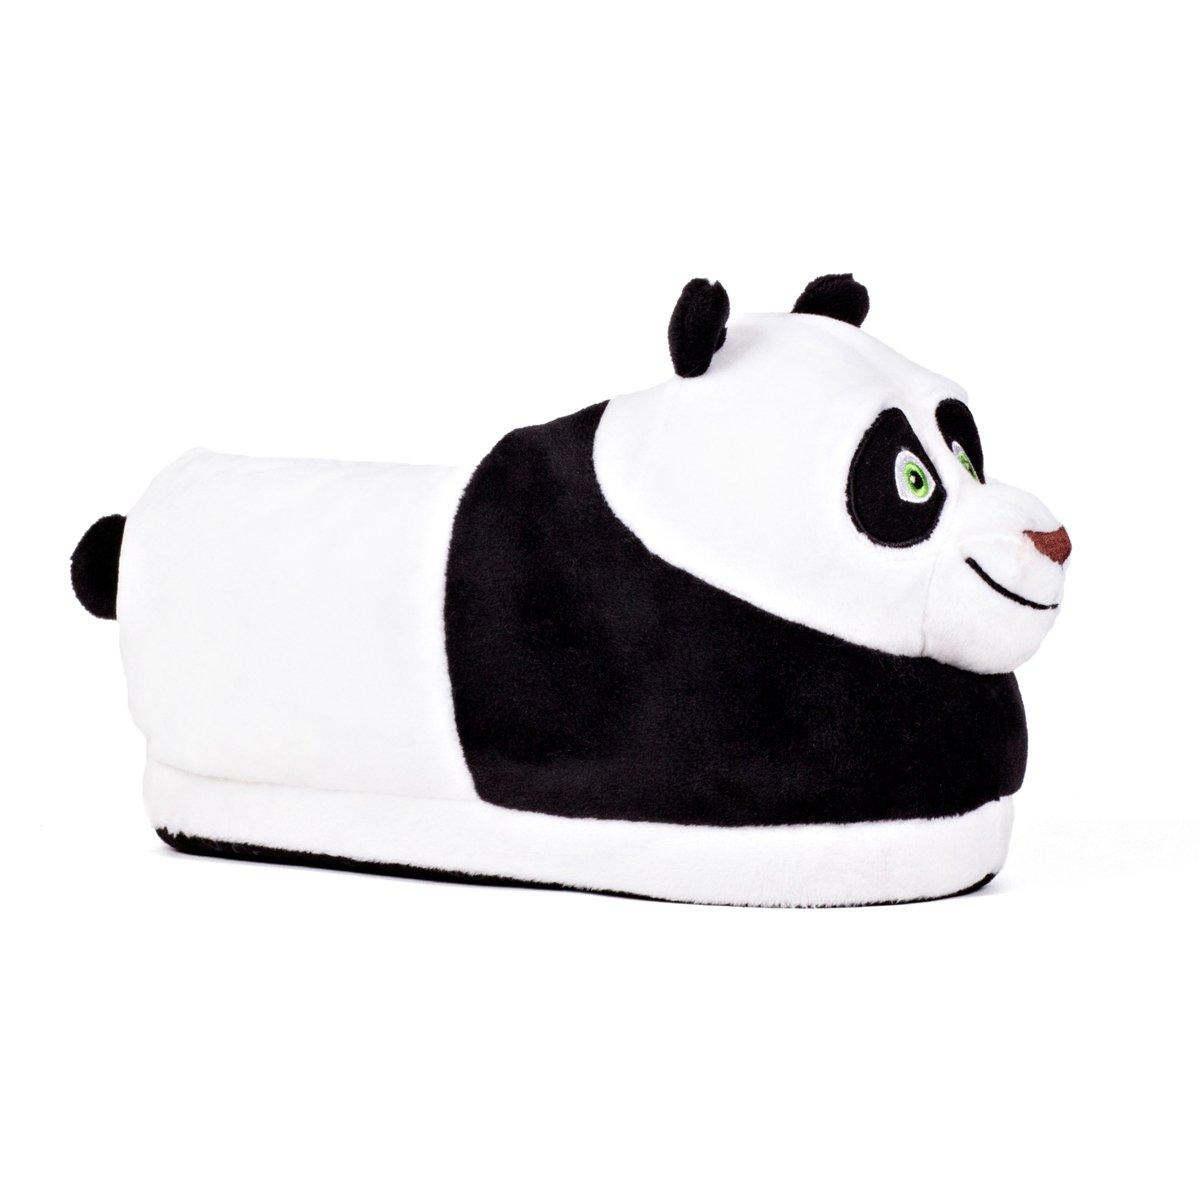 Sleeper z - Chaussons Peluche Po - Kung Fu Panda - Homme Femme Enfant - Cadeau  Original - Officiel DreamWorks  Amazon.fr  Chaussures et Sacs eddd06a9a48